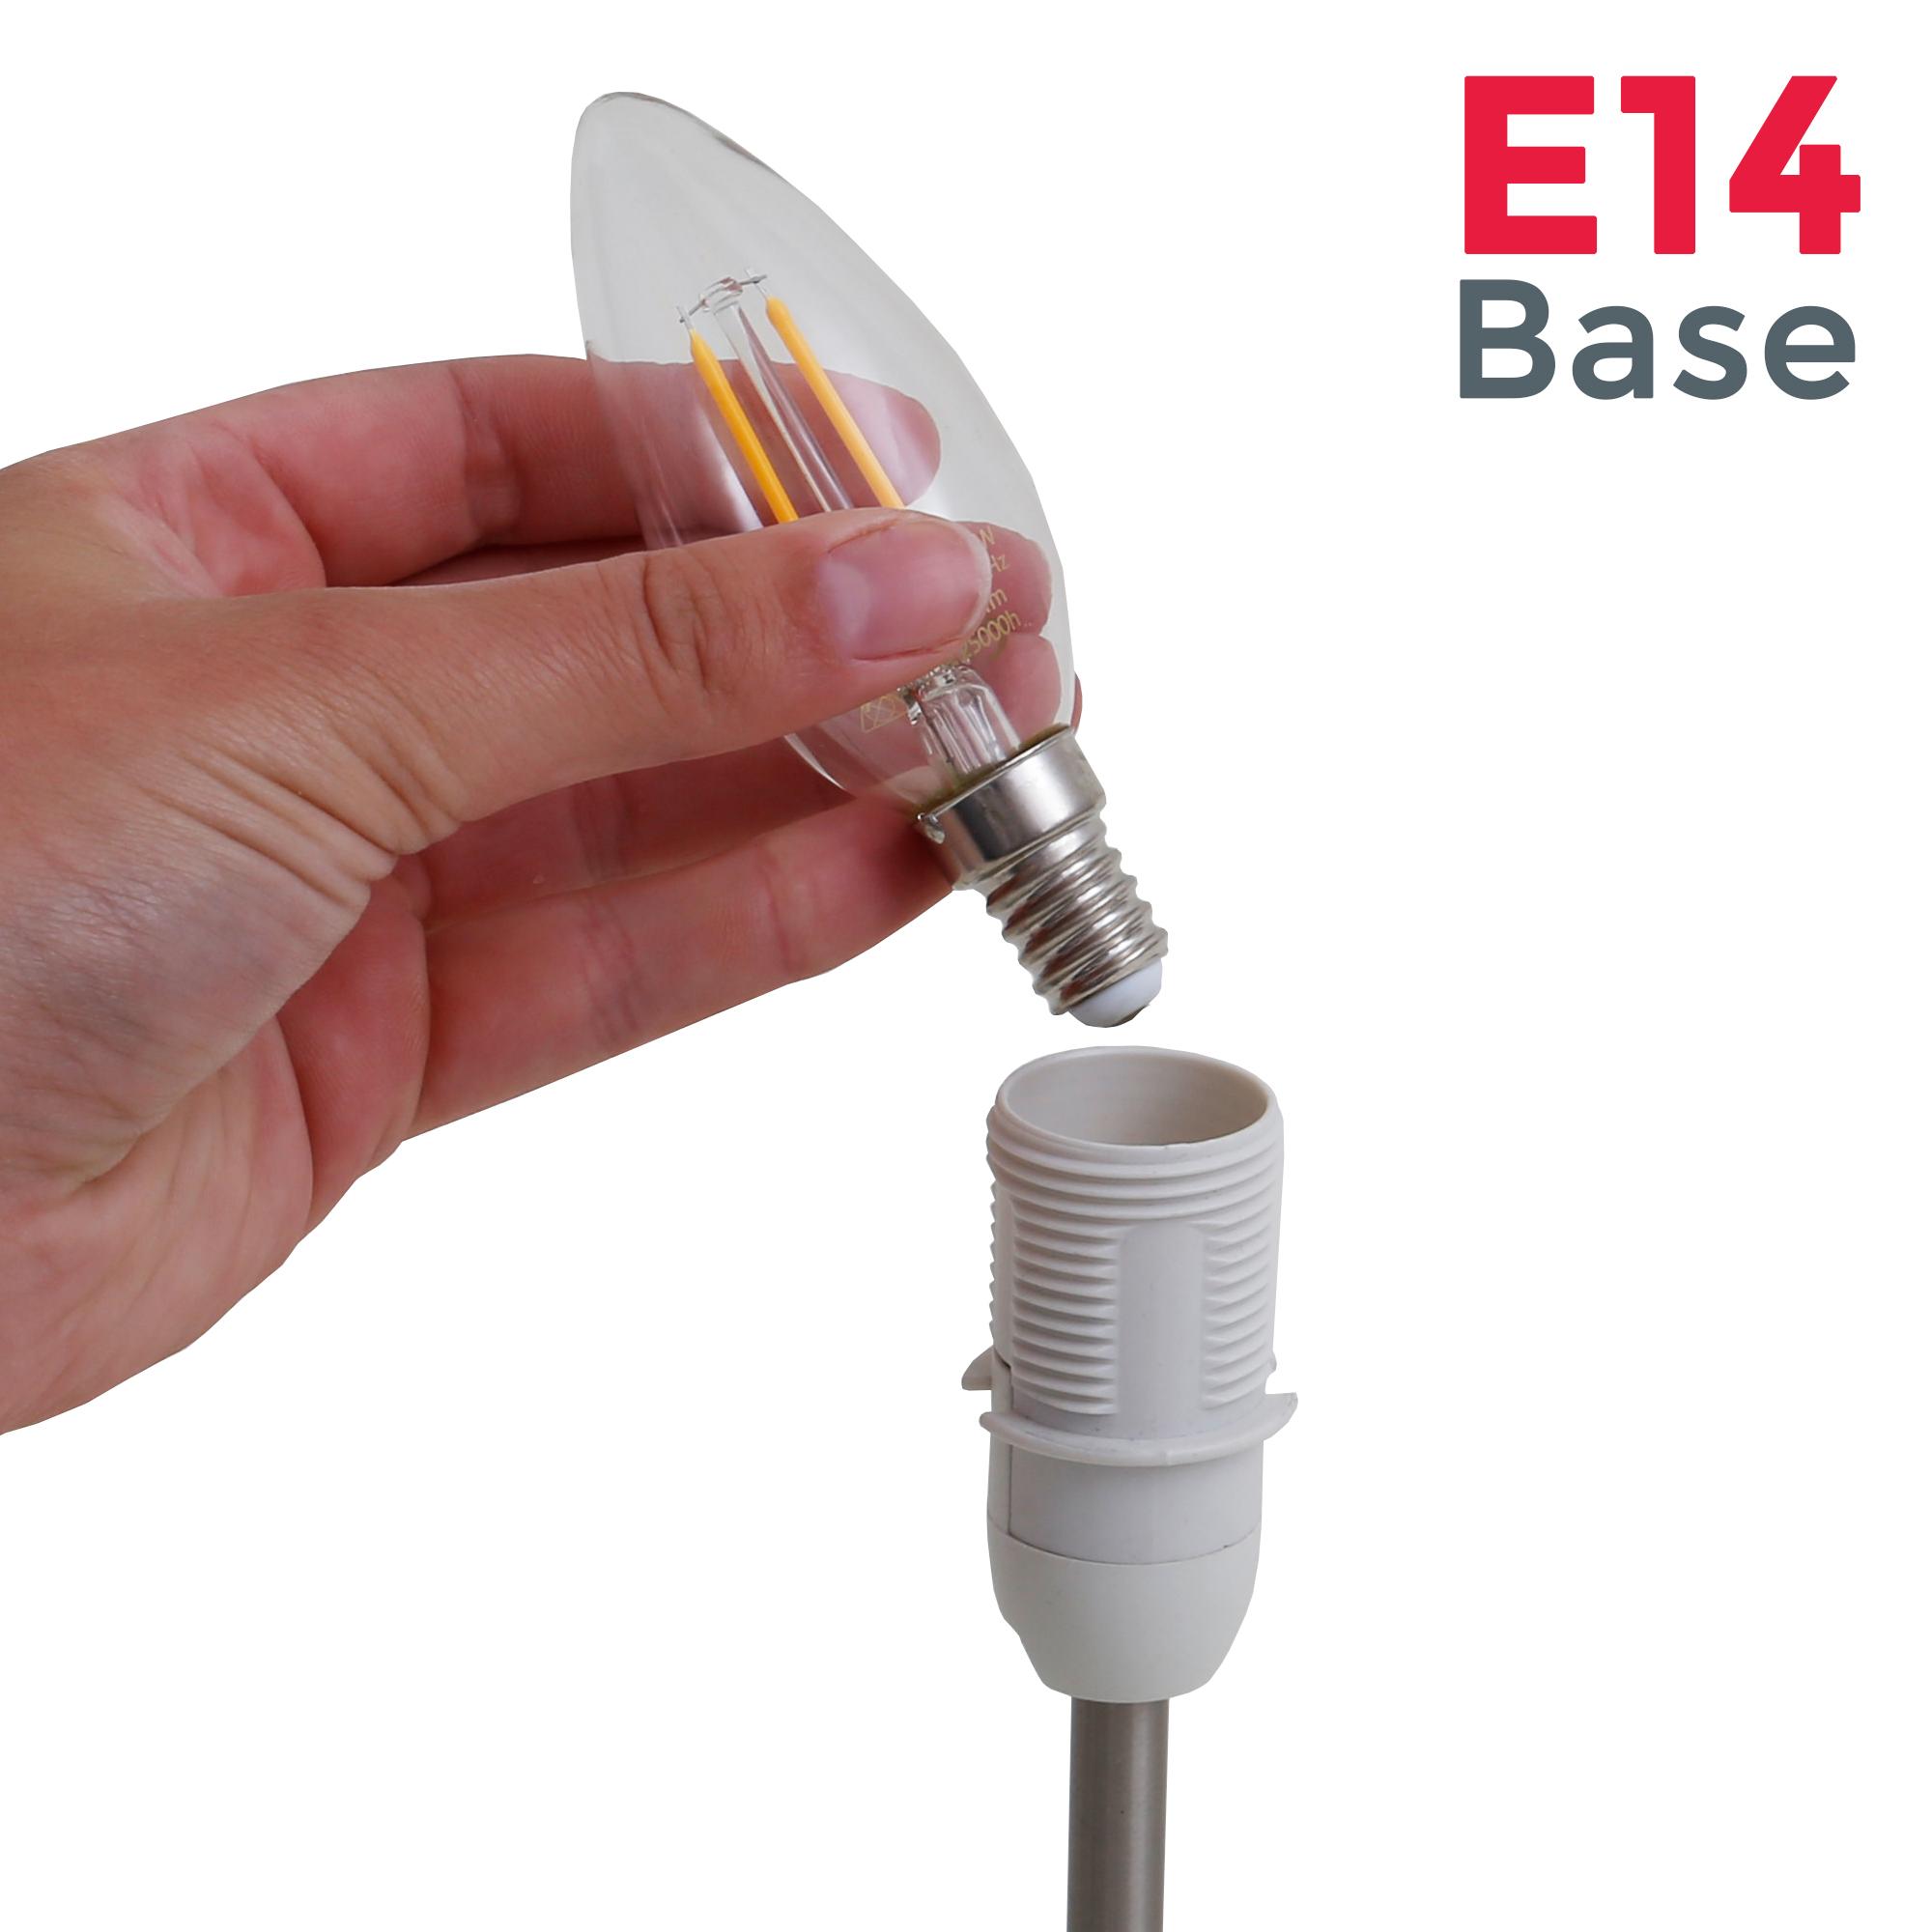 Tischleuchte Stoff matt-nickel weiß E14 - 4